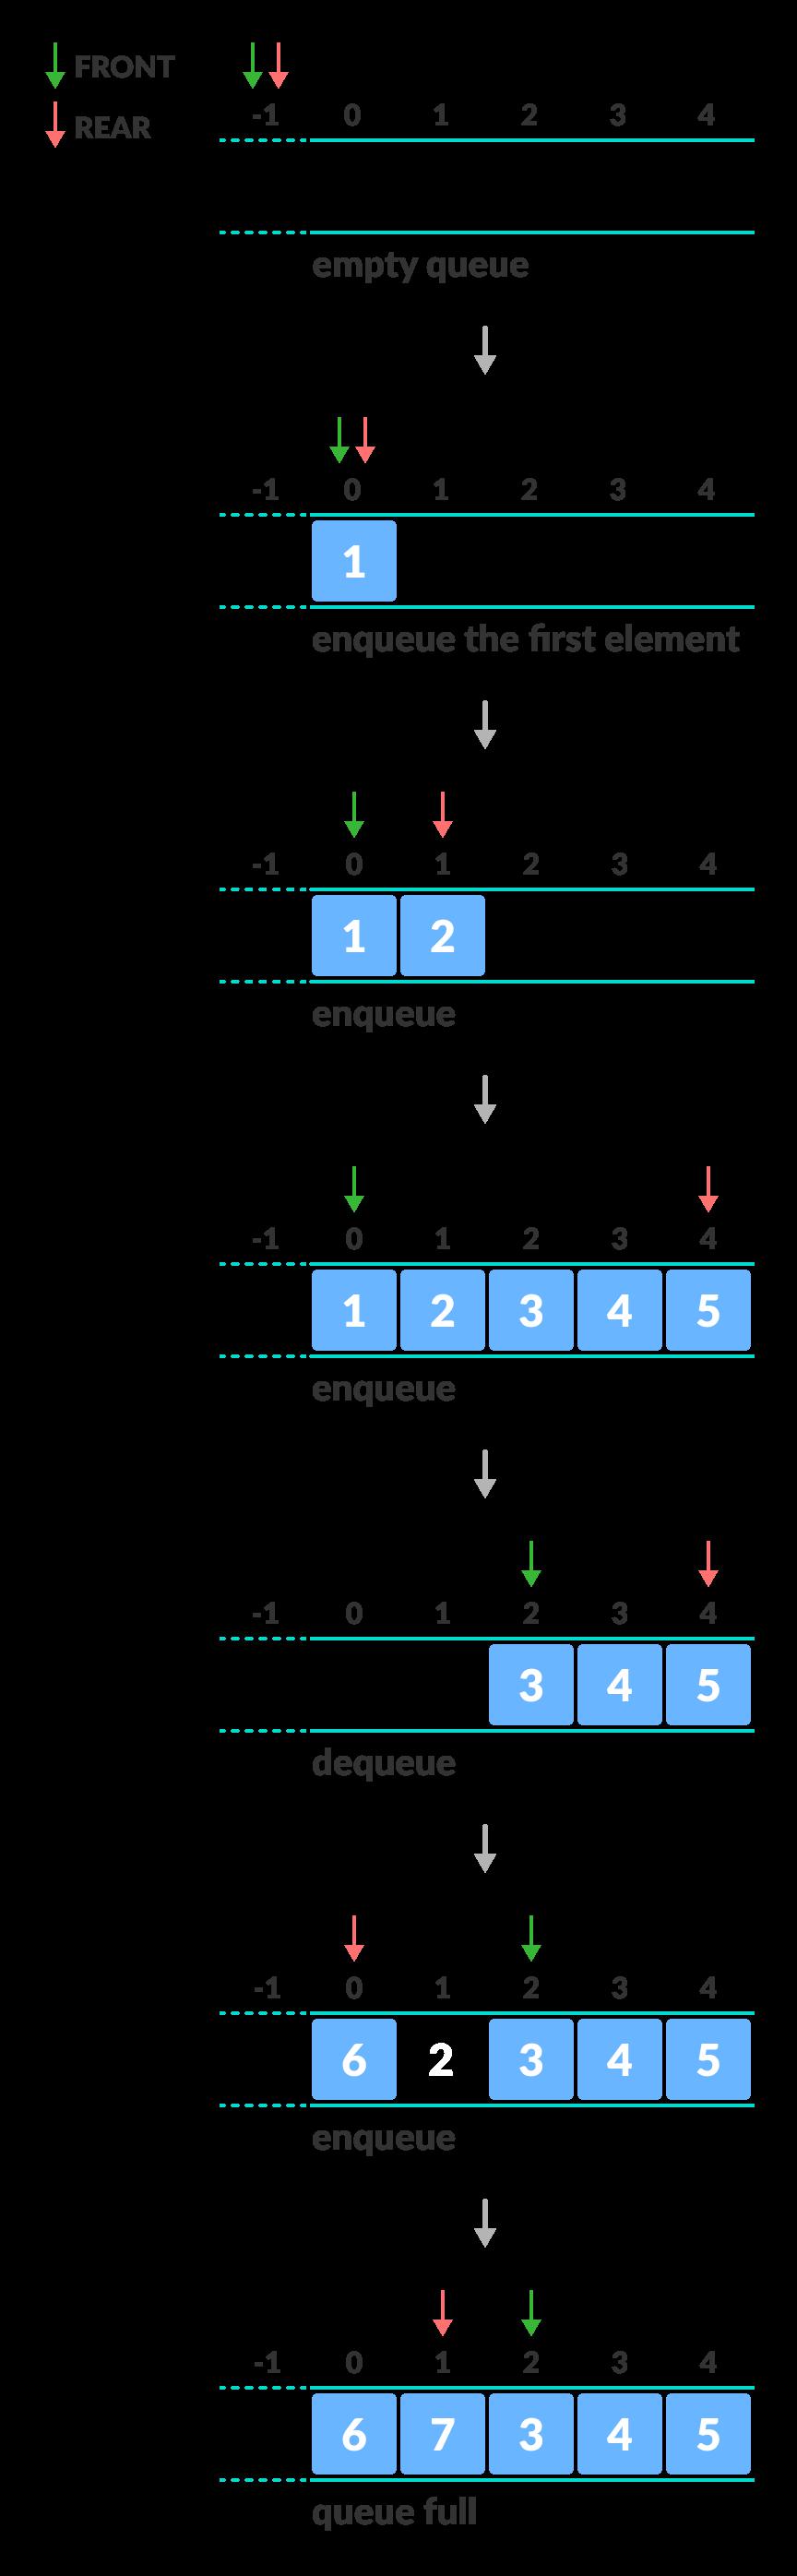 enqueue and dequeue operation of the circular queue